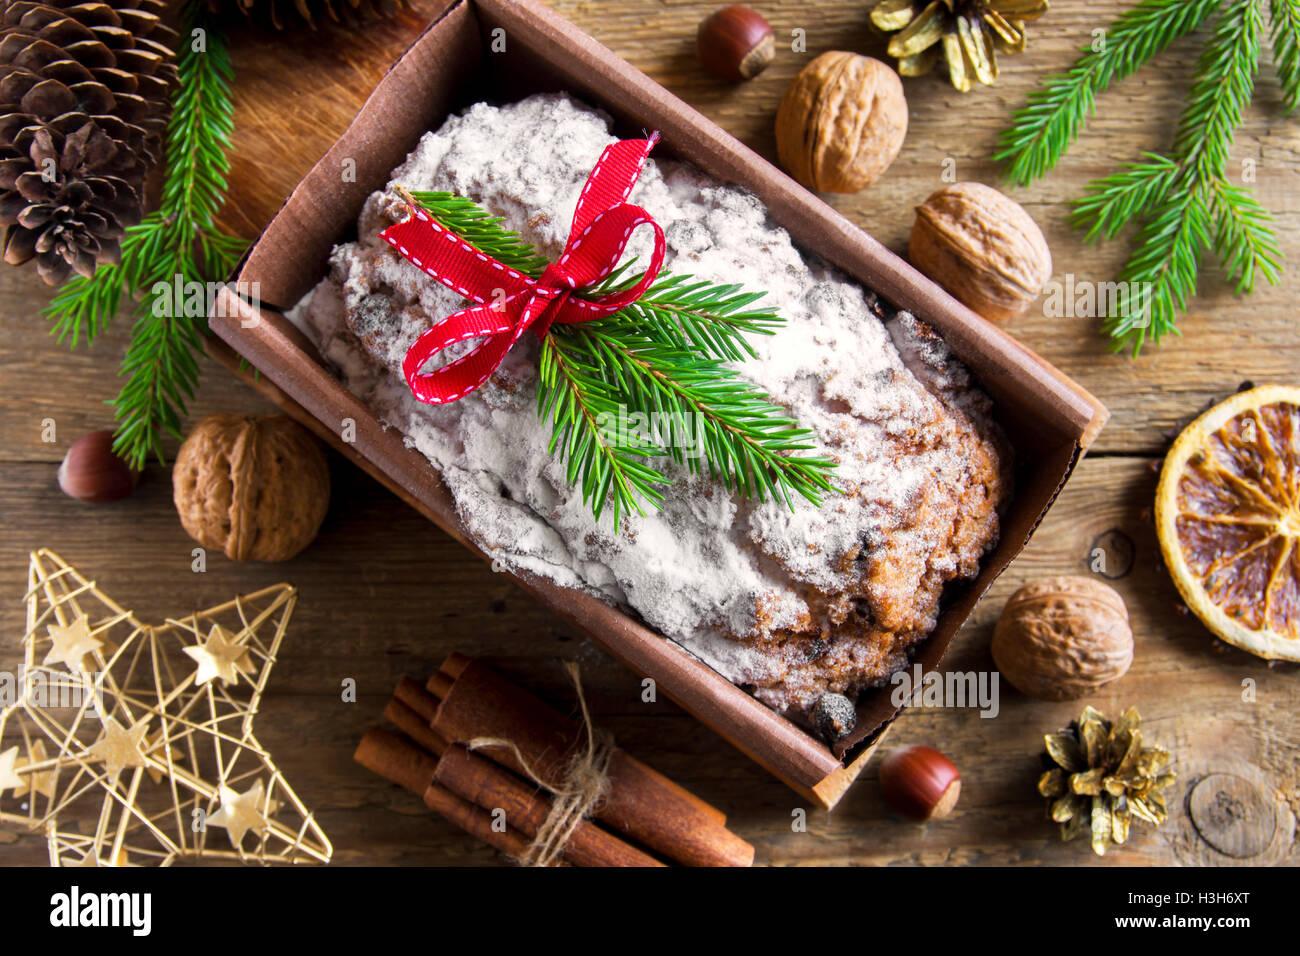 Traditionelle Früchtebrot für Weihnachten Dekoration mit Ornamenten - hausgemachte festliche Weihnachten pasrty Stockfoto